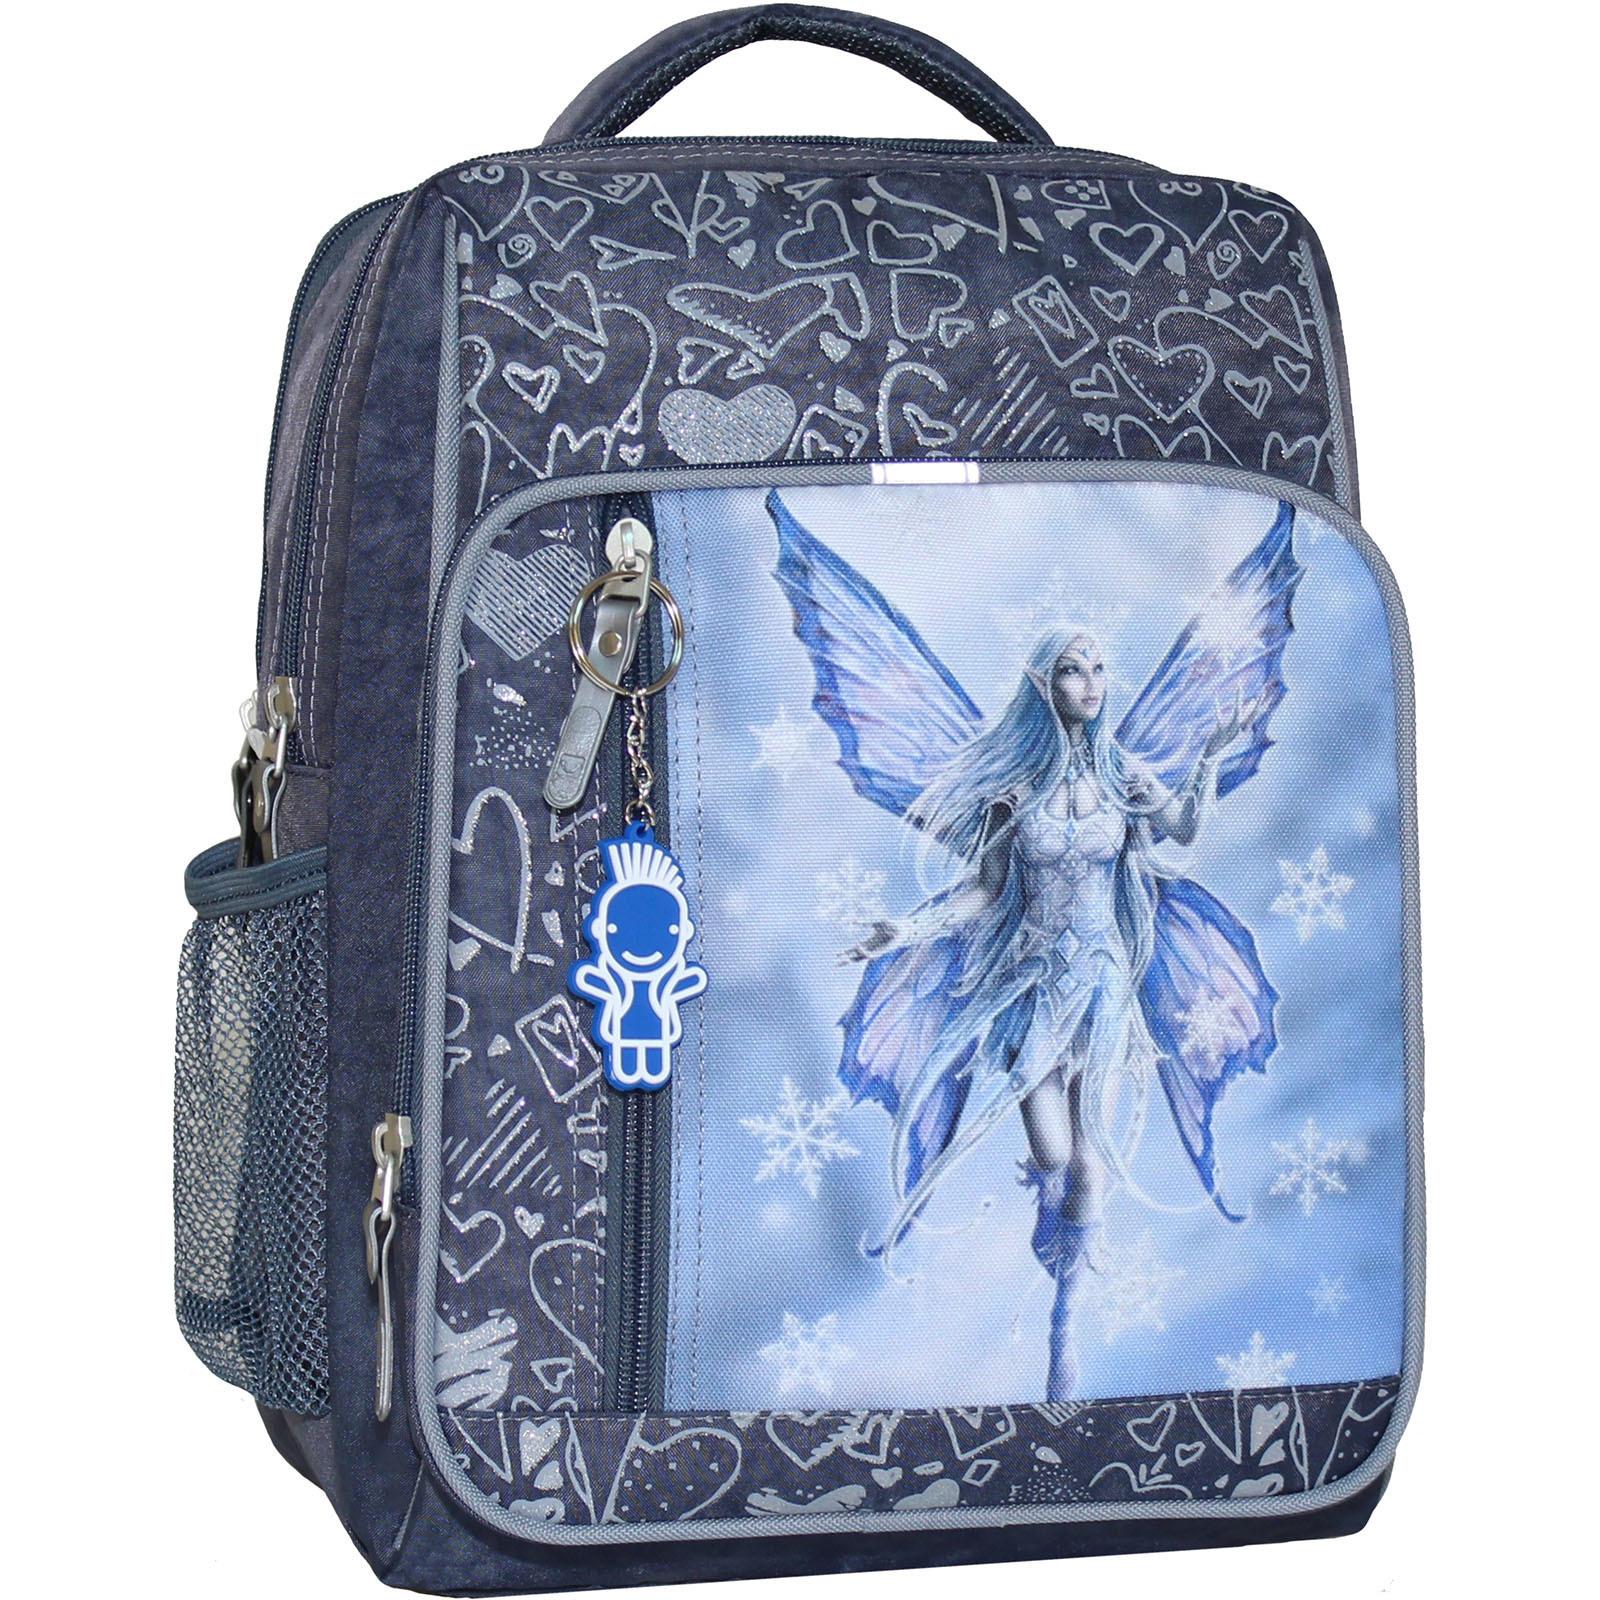 Школьные рюкзаки Рюкзак школьный Bagland Школьник 8 л. 321 серый 94д (0012870) IMG_4632.JPG